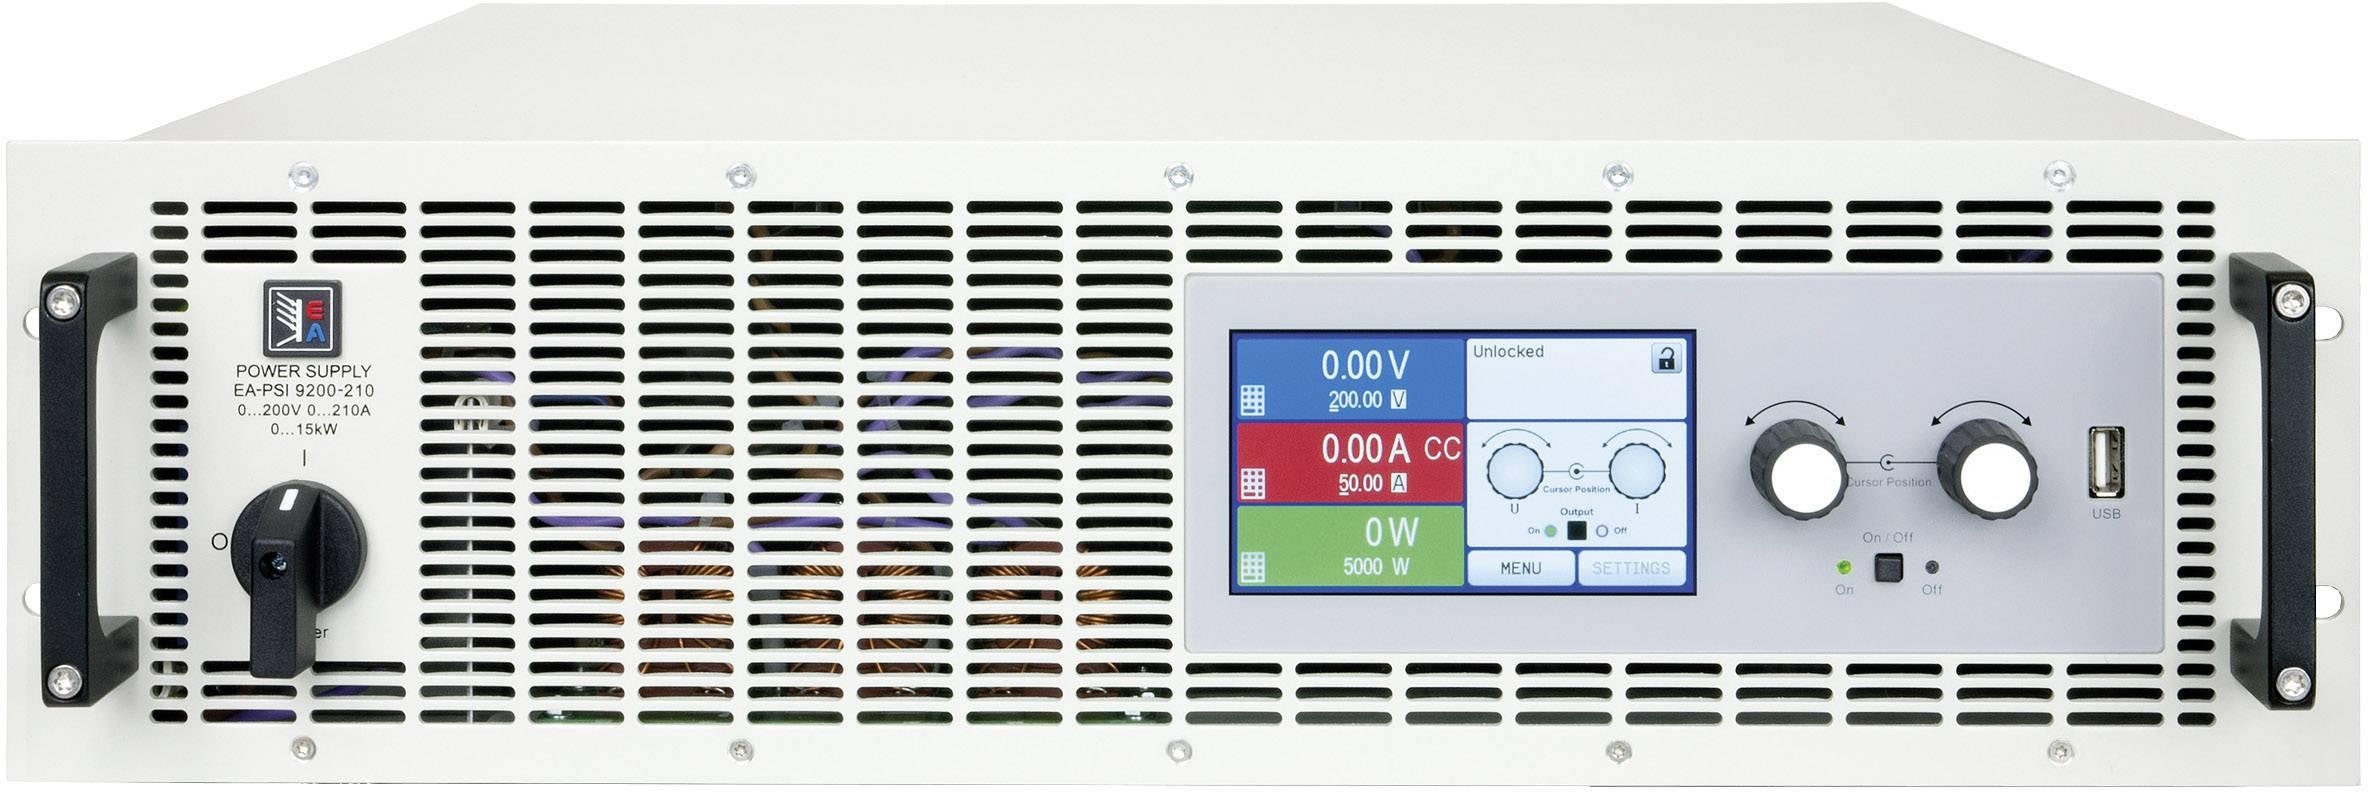 Programovateľný laboratórny zdroj EA EA-PSI 9500-60, 3U, 500 V, 60 A, 10000 W, USB